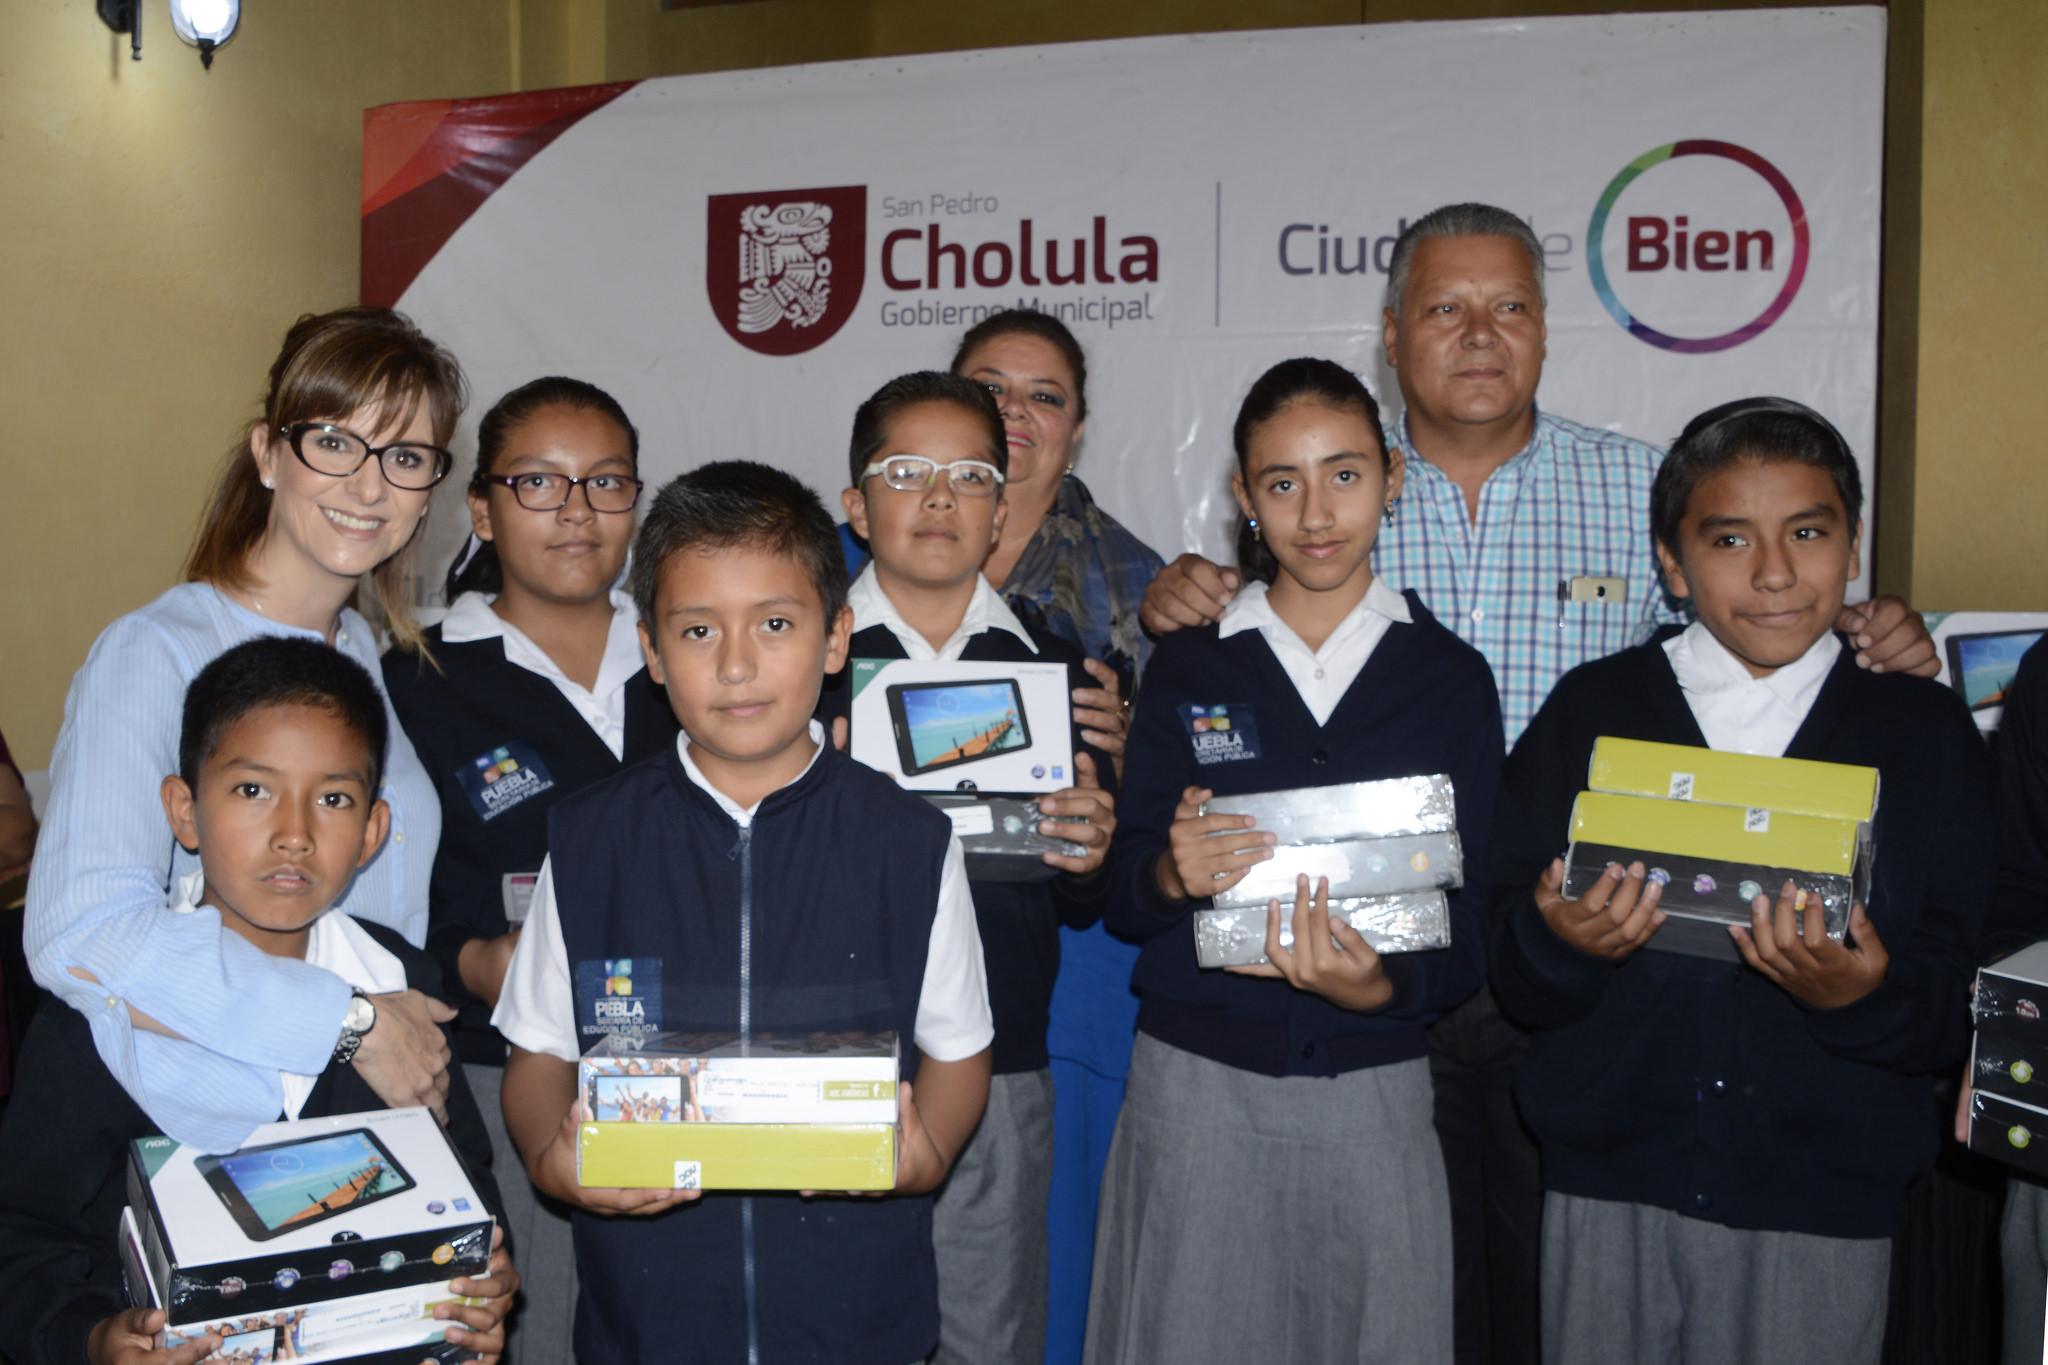 Reciben alumnos de San Pedro Cholula tabletas electrónicas